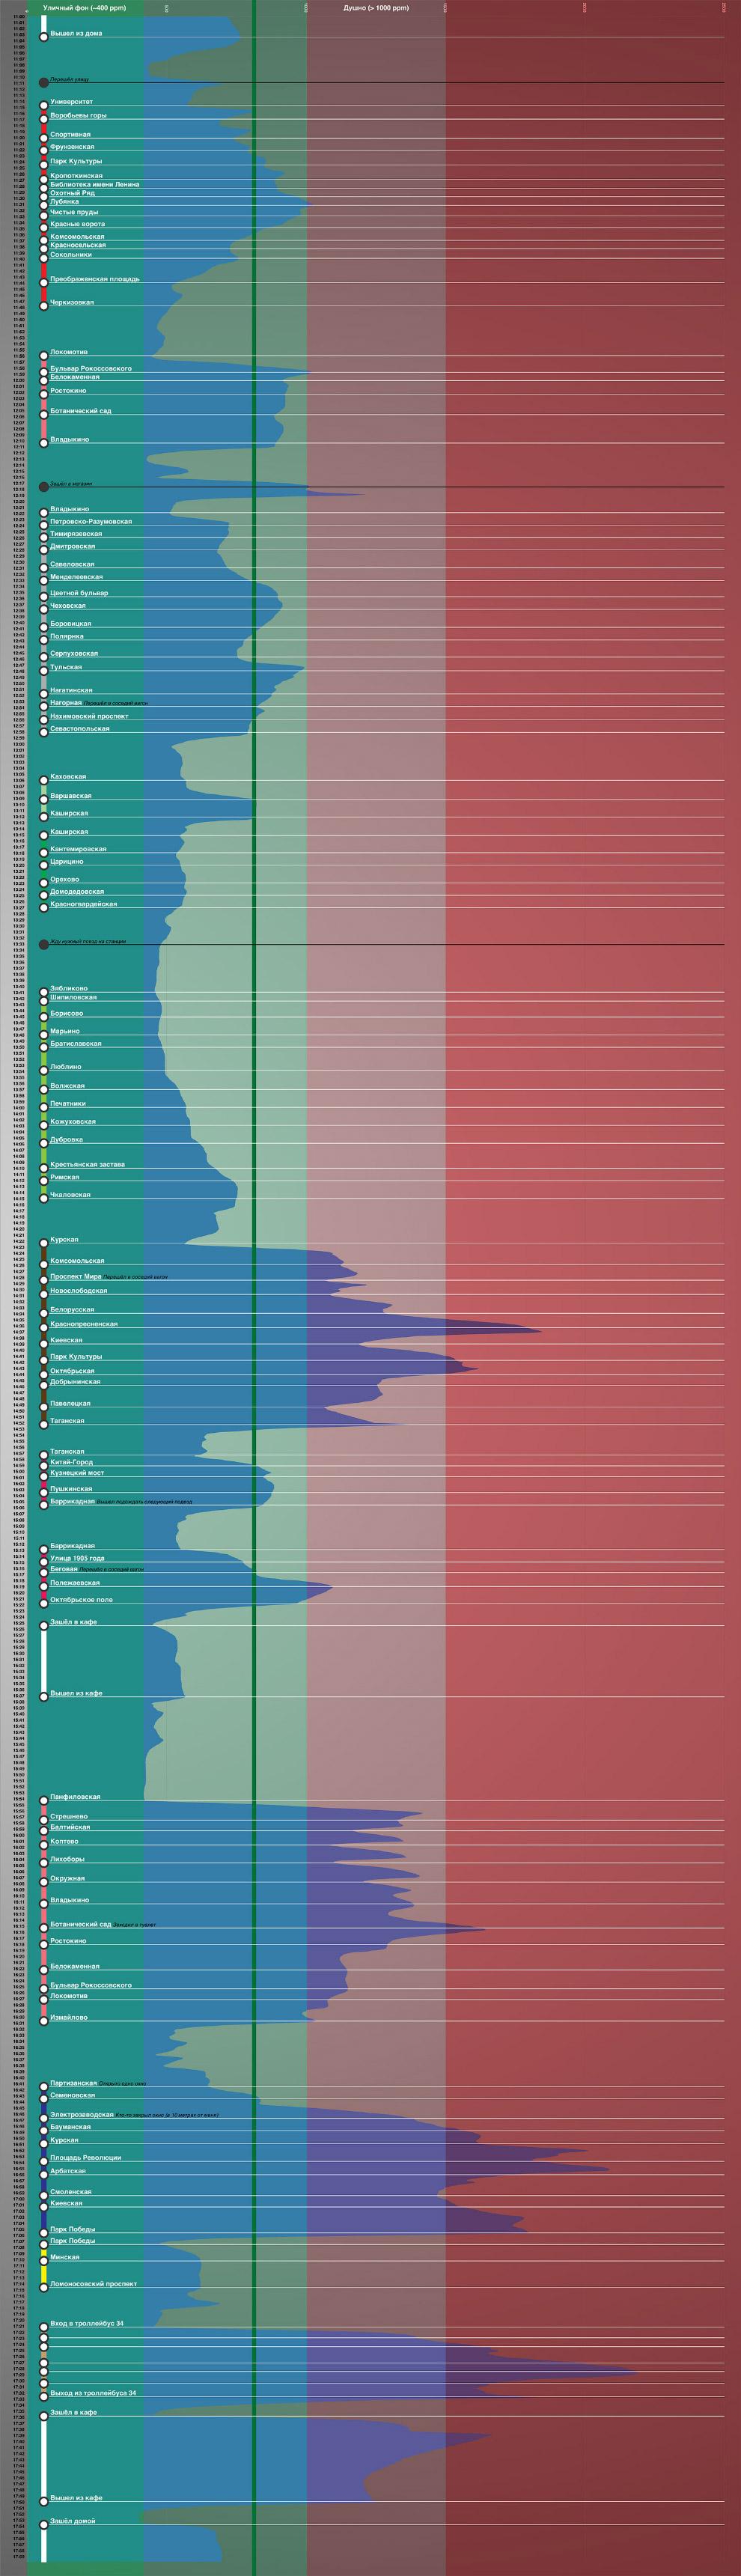 И график количества пыли с отметками в соответствии с индексом AQI. Хорошо видно, что на большинстве